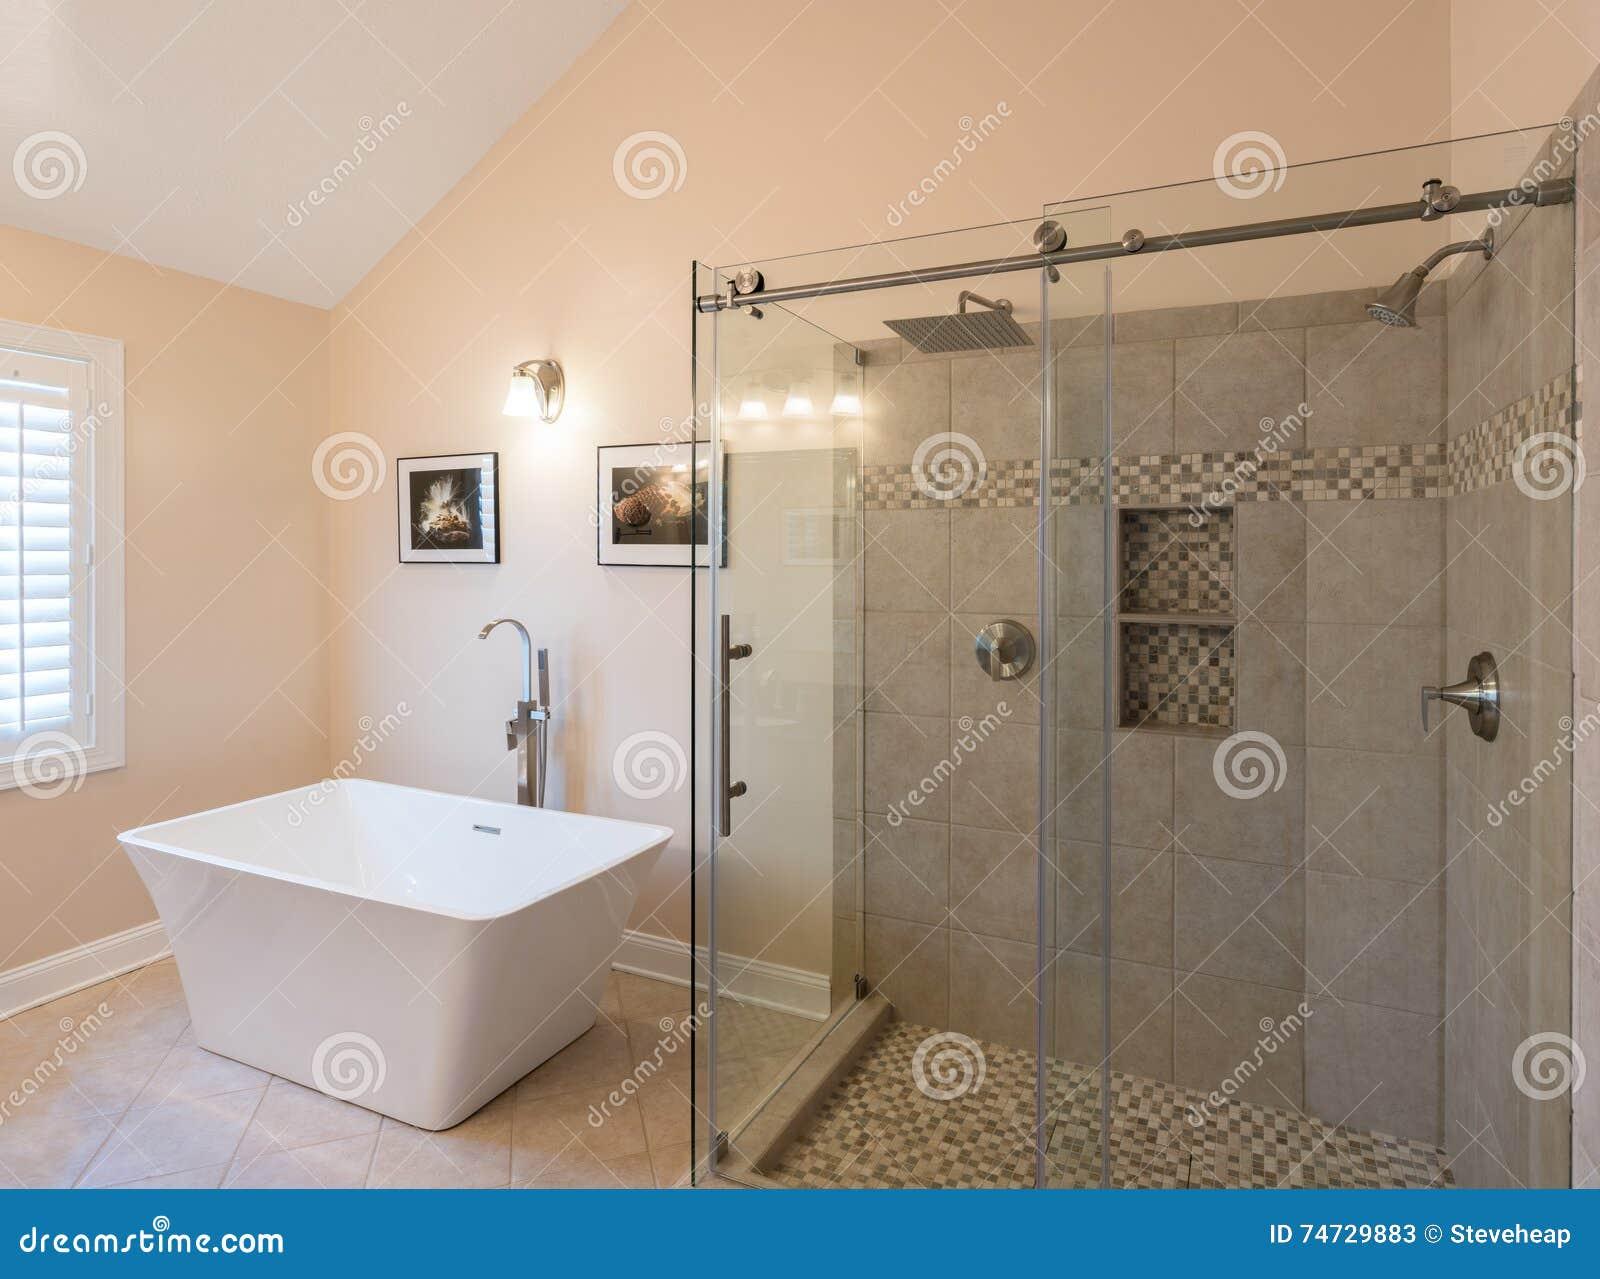 Modernes Badezimmer Mit Freistehender Wanne Und Dusche Stockbild ...